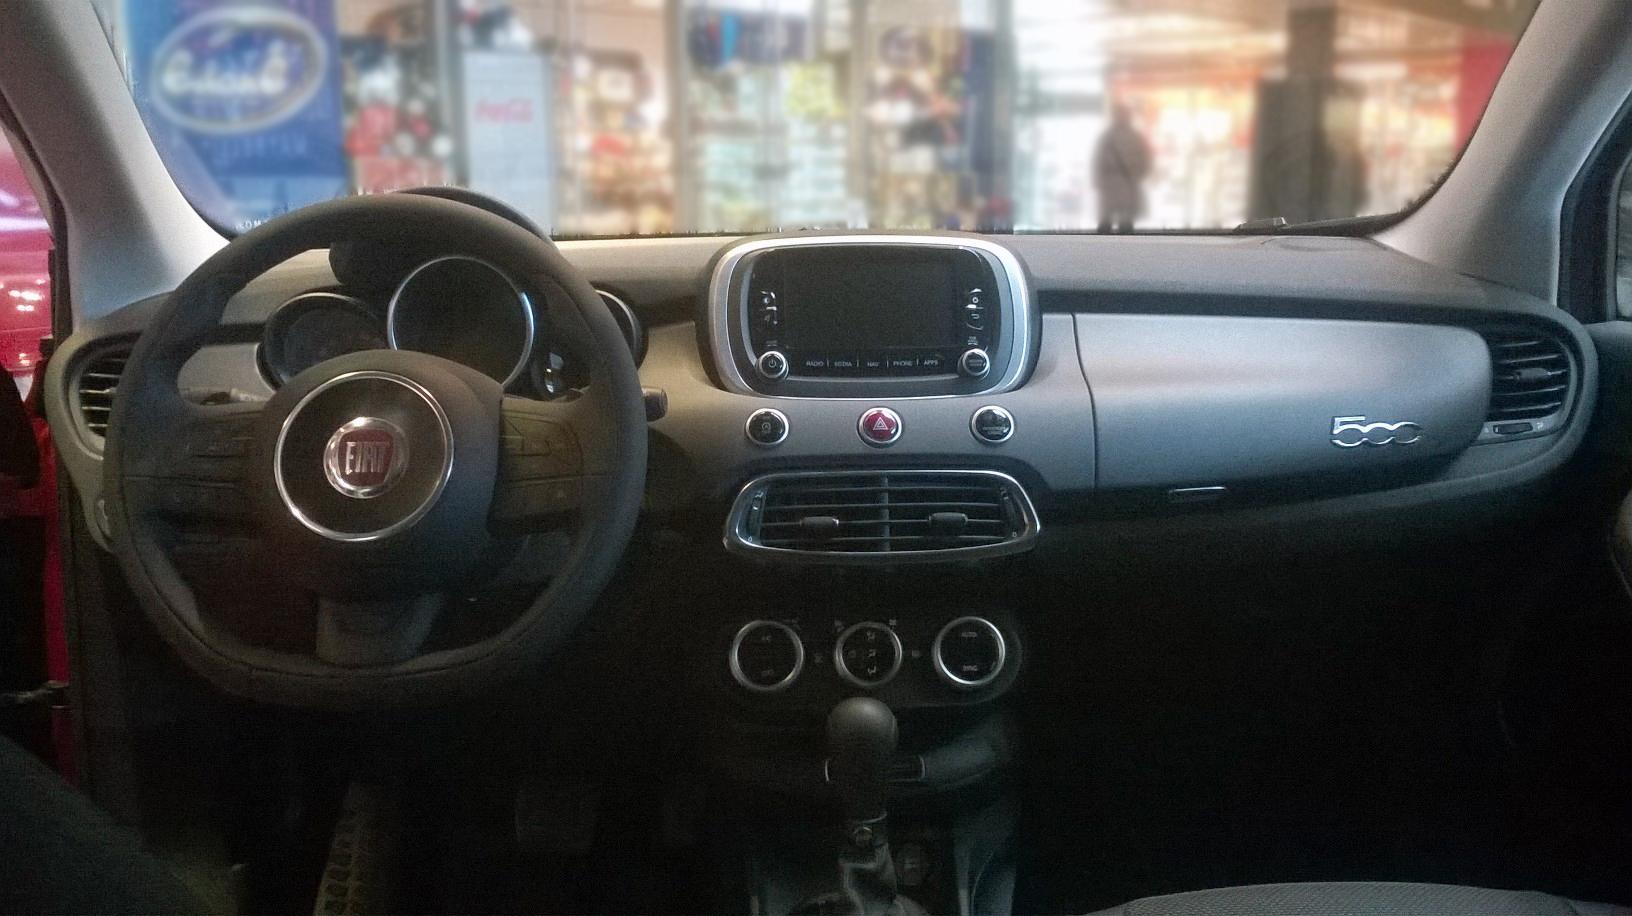 2015 FIAT 500L Easy - Wagon 1.4L Turbo Manual